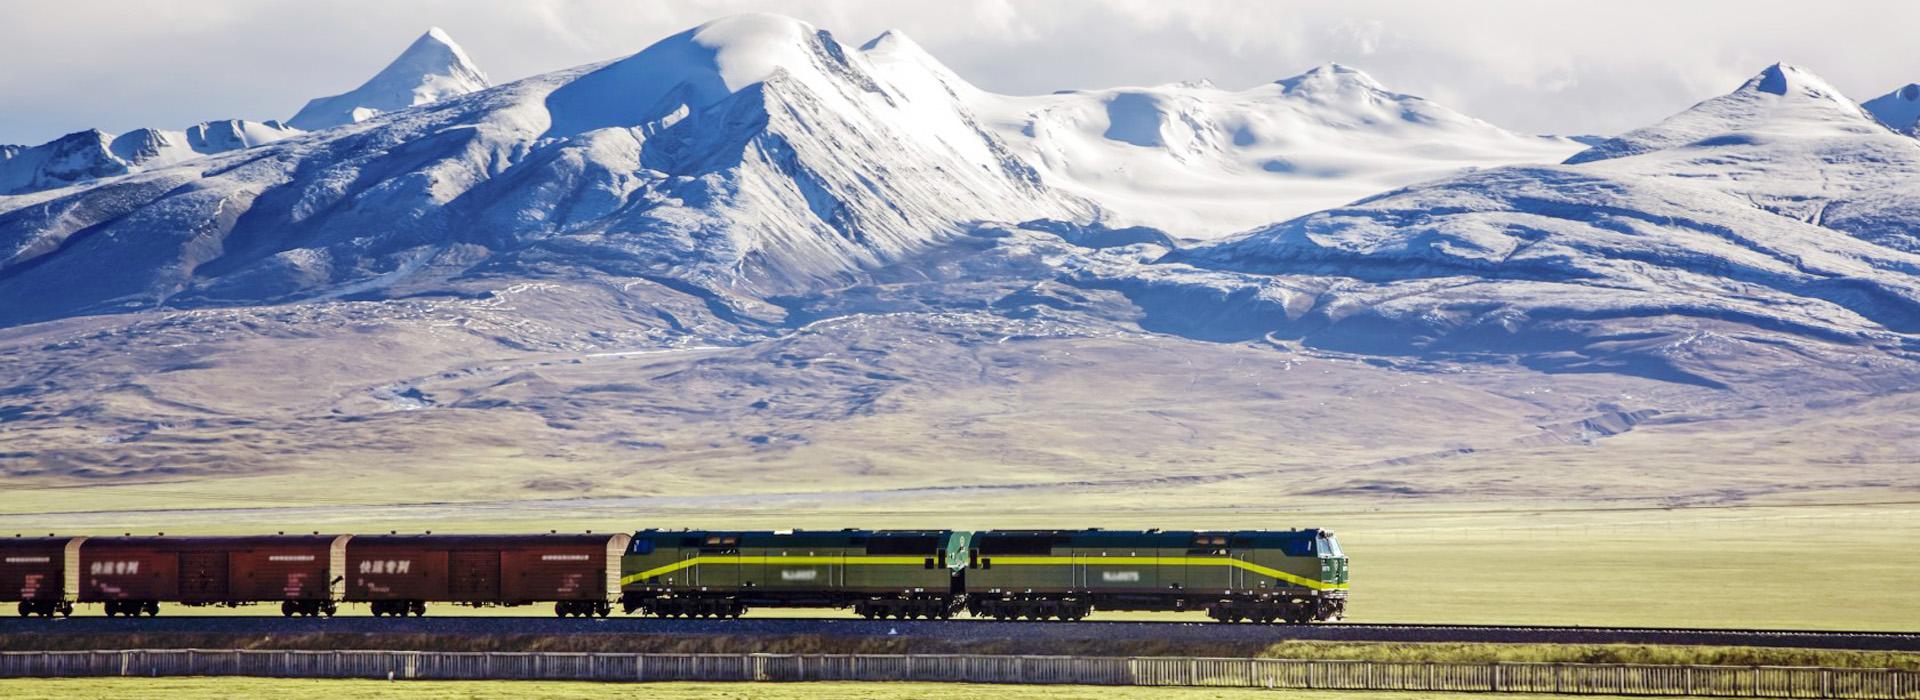 Kết quả hình ảnh cho tibet train